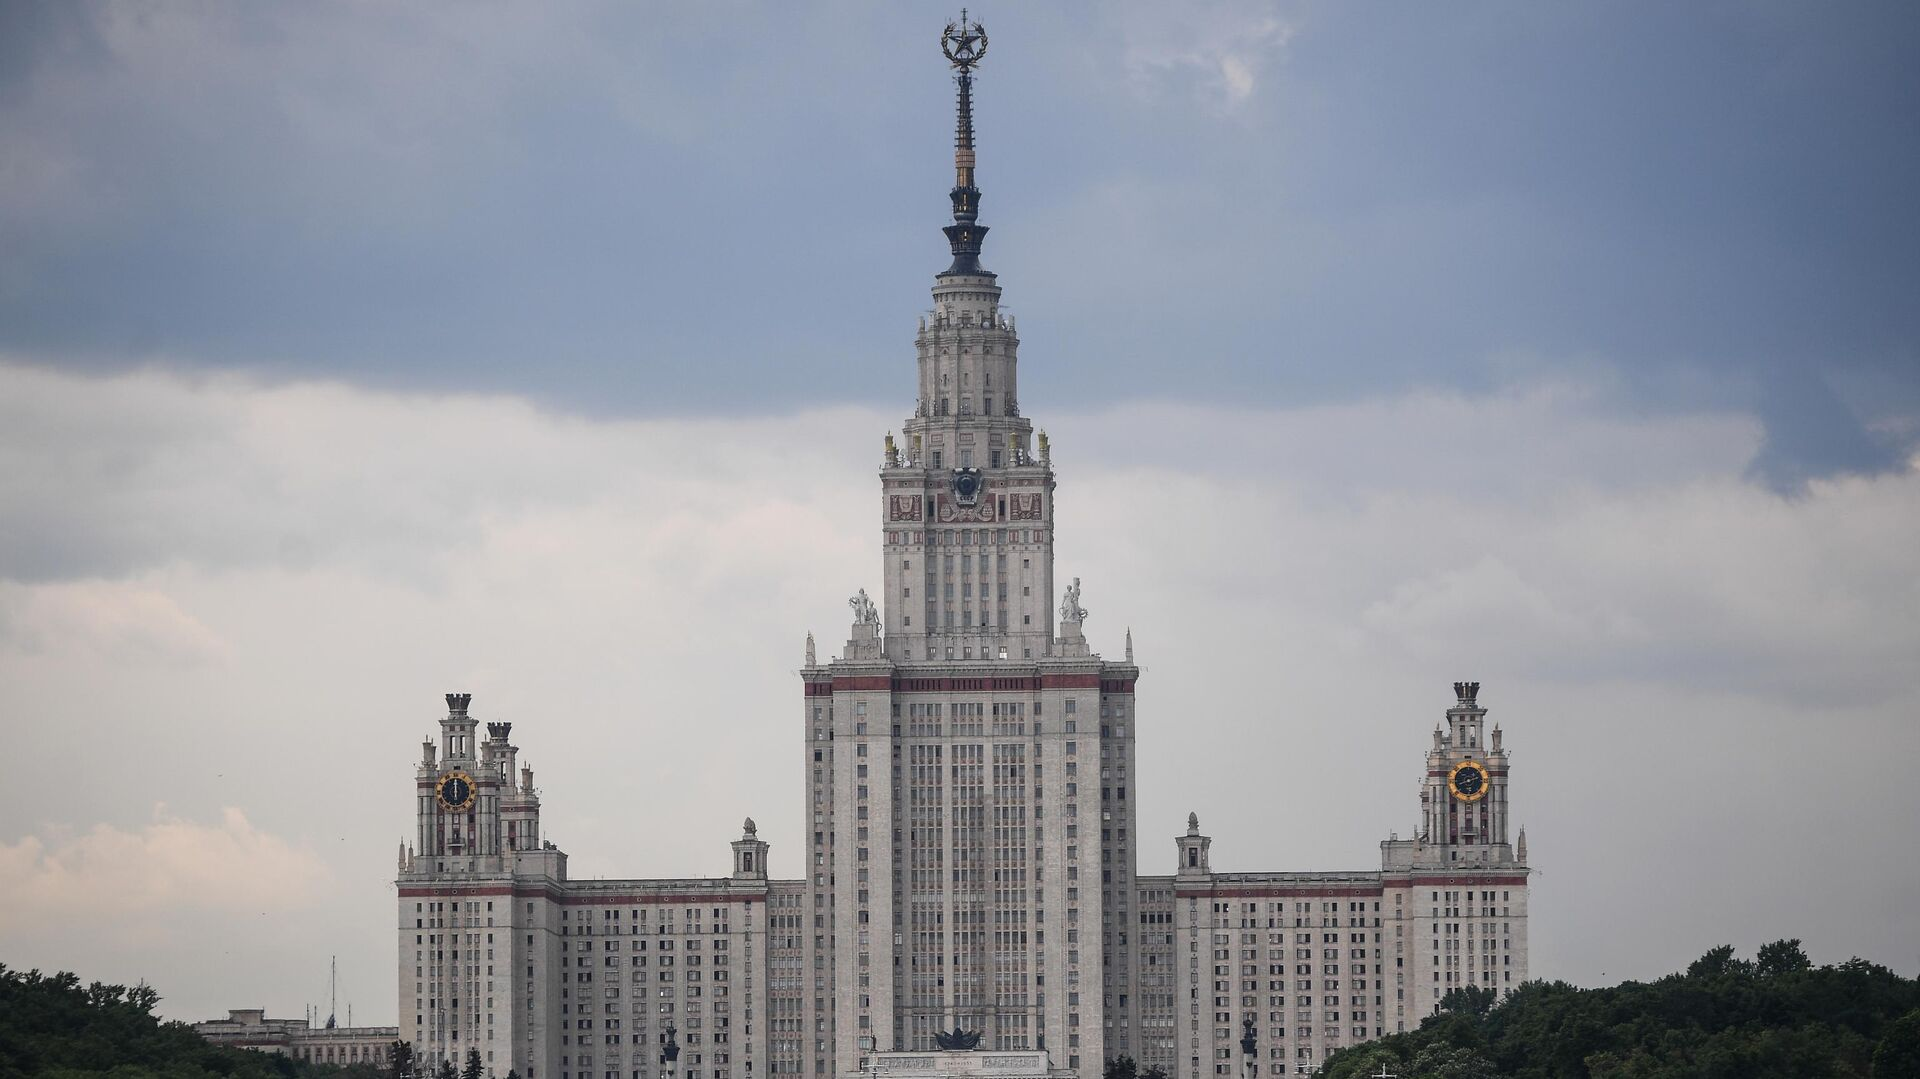 Высотное здание МГУ имени Ломоносова - РИА Новости, 1920, 17.06.2021